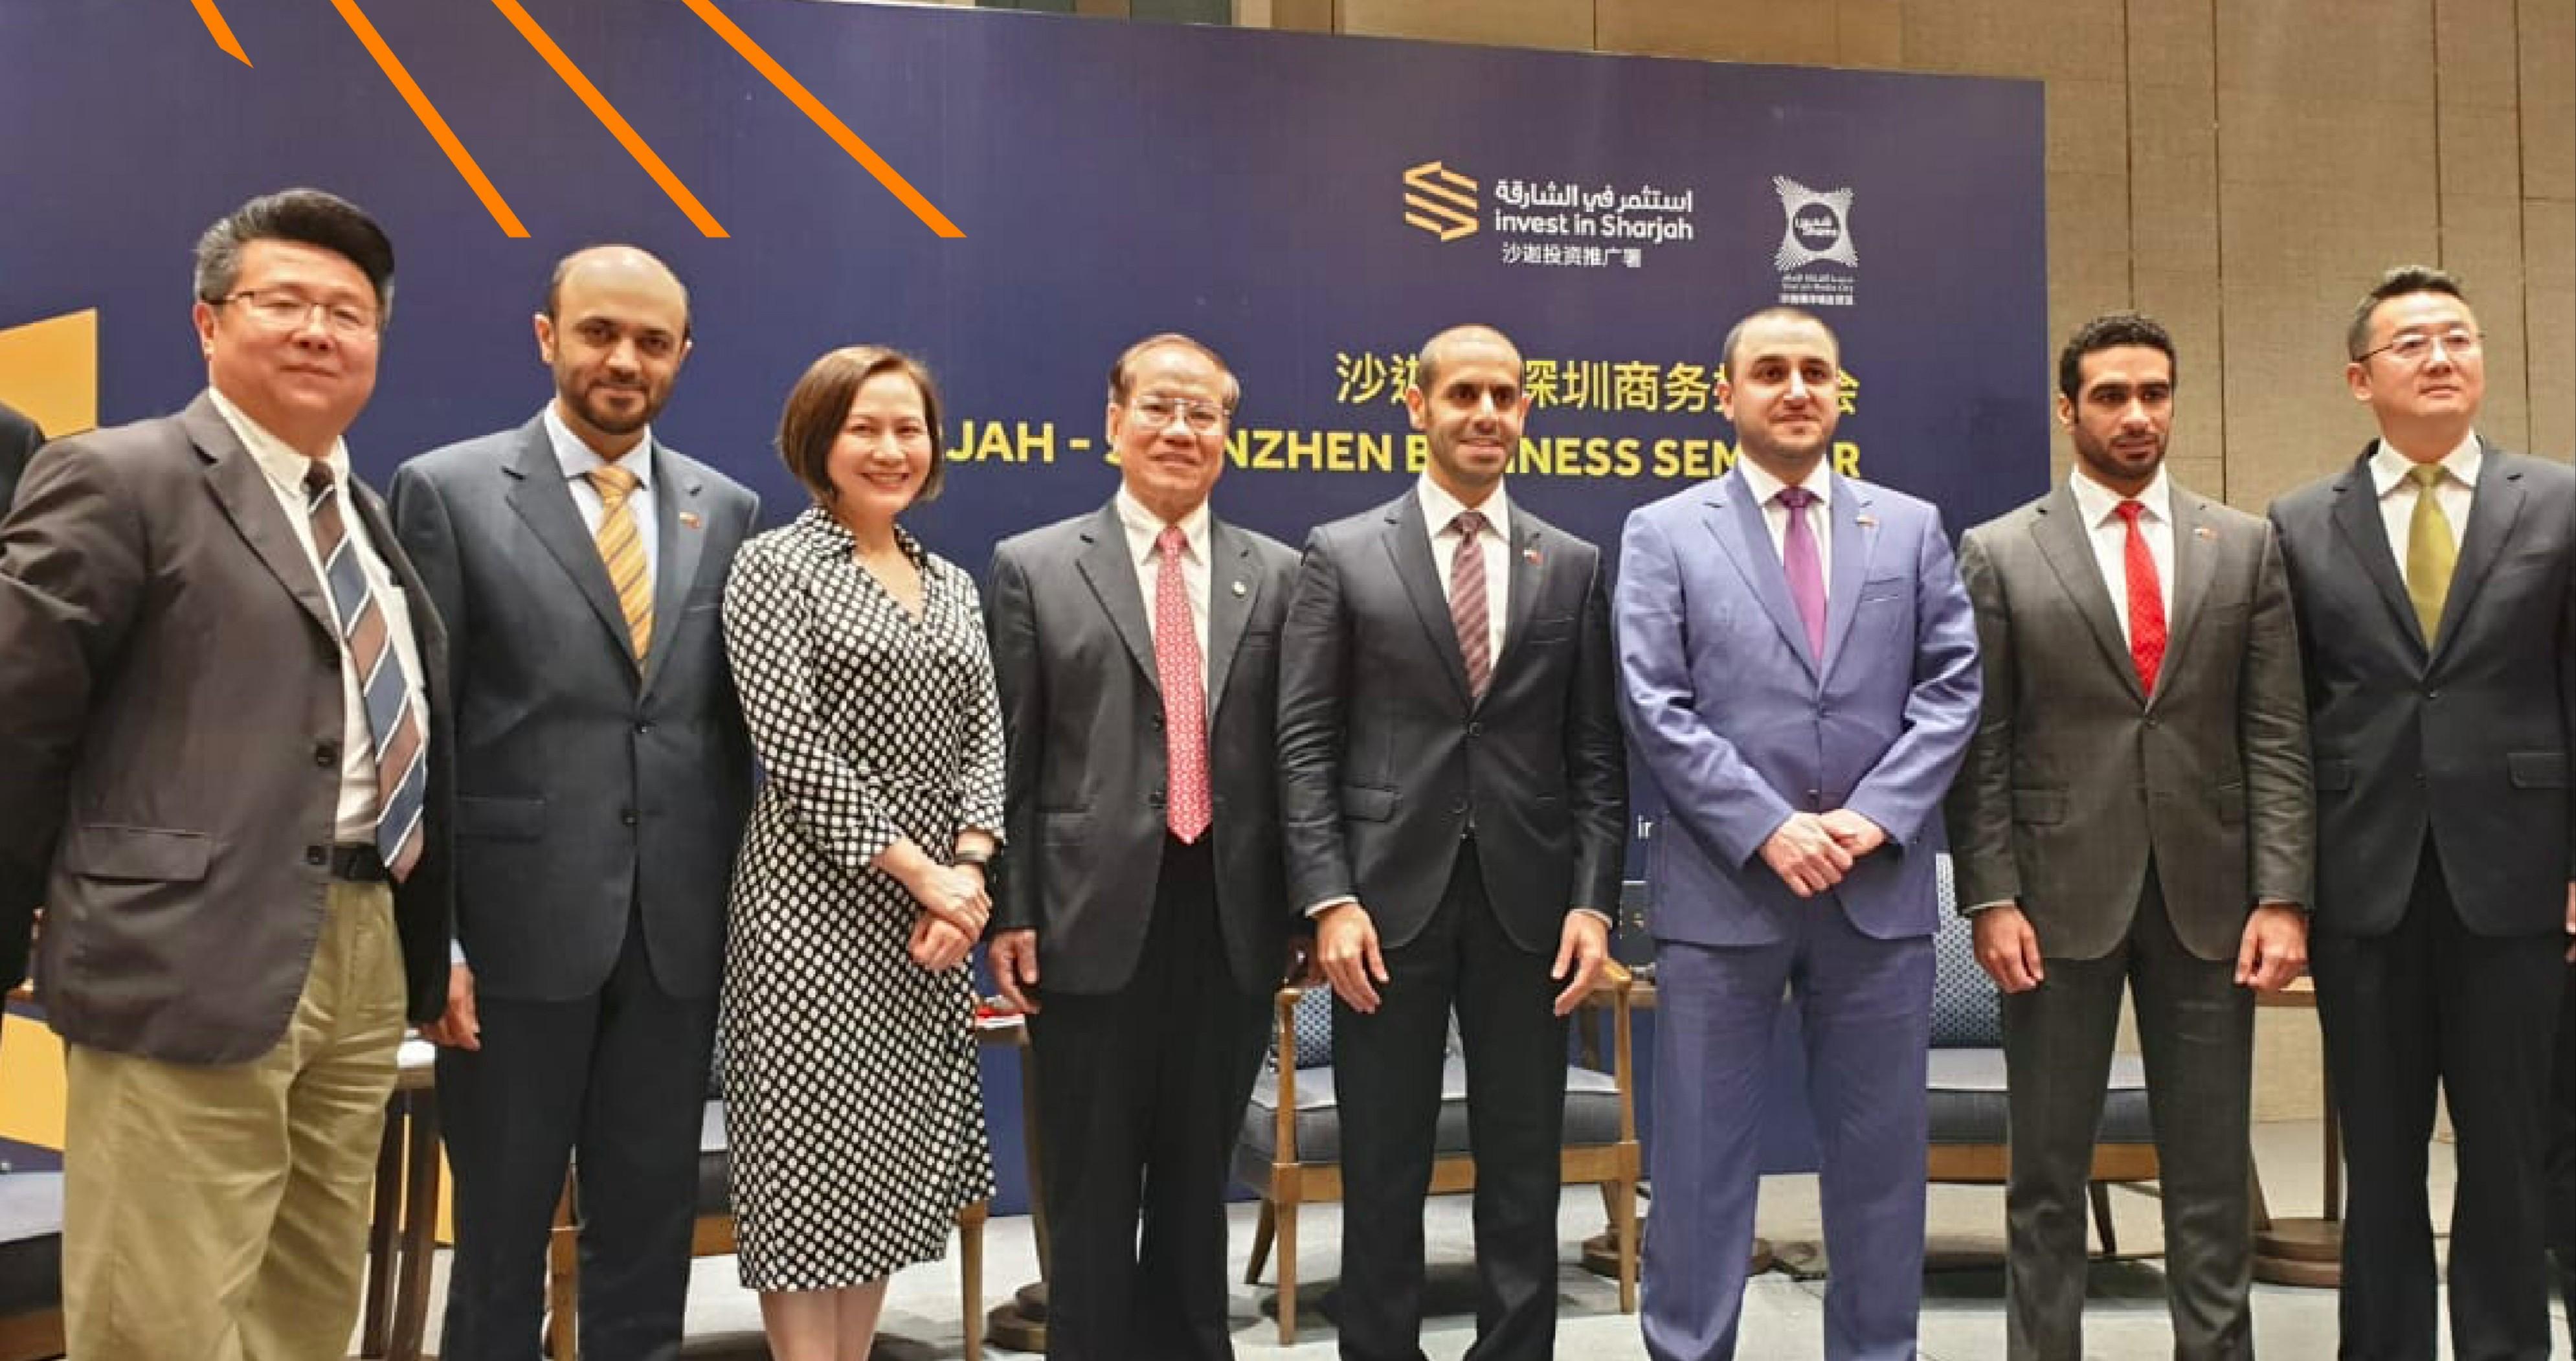 ملتقى الأعمال بين الشارقة وشنجن في الصين